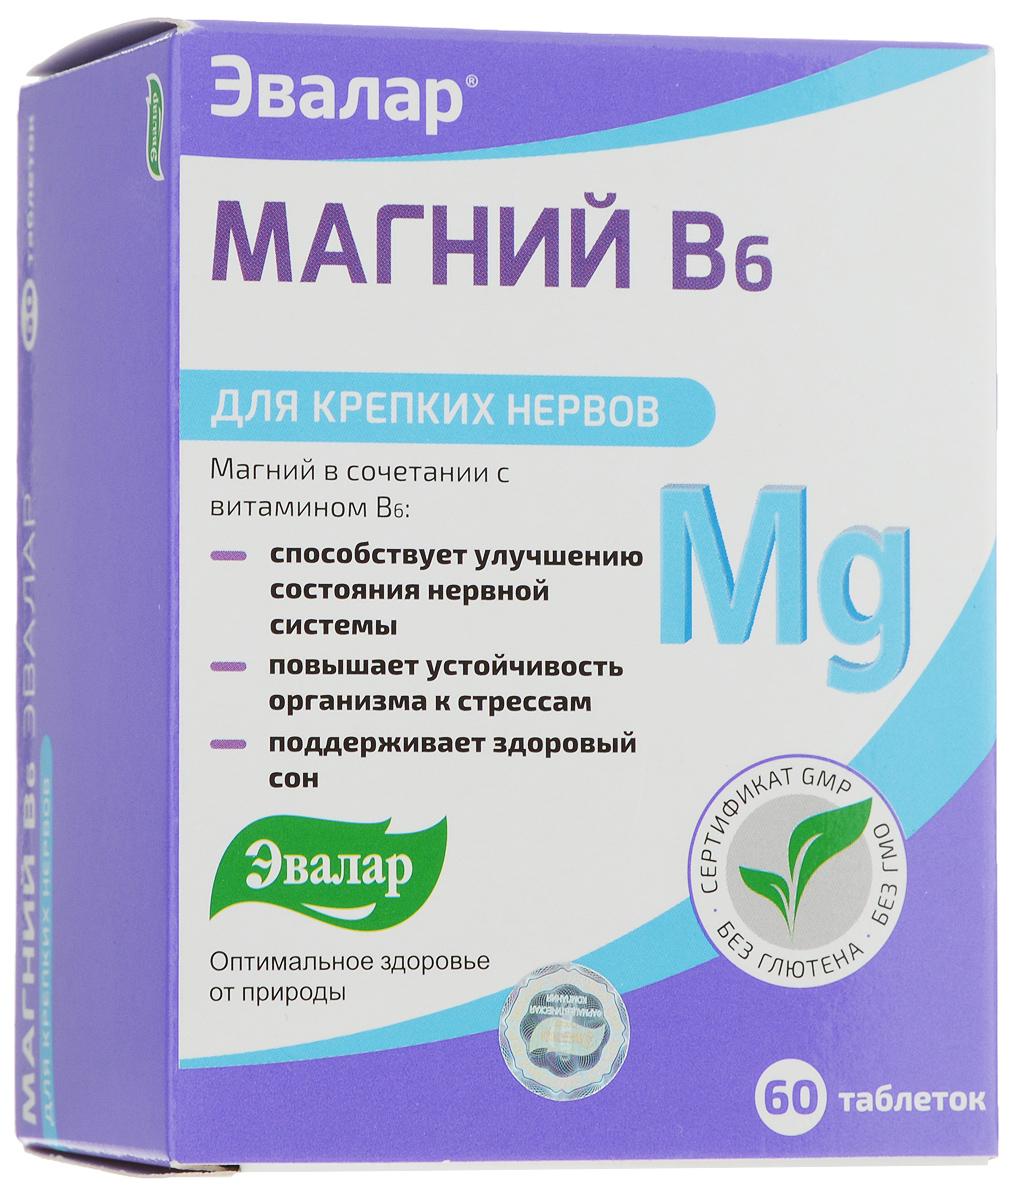 Магний В6 Эвалар, для крепких нервов, 60 таблеток4602242008378Магний в сочетании с витамином В6 способствует улучшению состояния нервной системы, повышает устойчивость организма к стрессам, поддерживает здоровый сон. Магний является жизненно важным макроэлементом. В стрессовых ситуациях организм теряет значительное количество ионов магния, в связи с чем его дополнительный прием защищает организм от последствий стресса. Магний поддерживает клеточный иммунитет, учувствует в регуляции обмена веществ, способствует правильному распределению кальция в организме, снятию мышечных спазмов и судорог. Витамин В6 улучшает усвоение магния и его метаболизм в клетке, обладает способностью фиксировать магний в клетке, что очень важно, поскольку макроэлемент быстро выводится из организма. Рекомендации по применению: Взрослым по 2 таблетки 3 раза в день во время еды. Продолжительность приема - не менее 1 месяца. Состав: магния аспарагинат, мальтодекстрин, целлюлоза микрокристаллическая (наполнитель), поливинилпирролидон и...